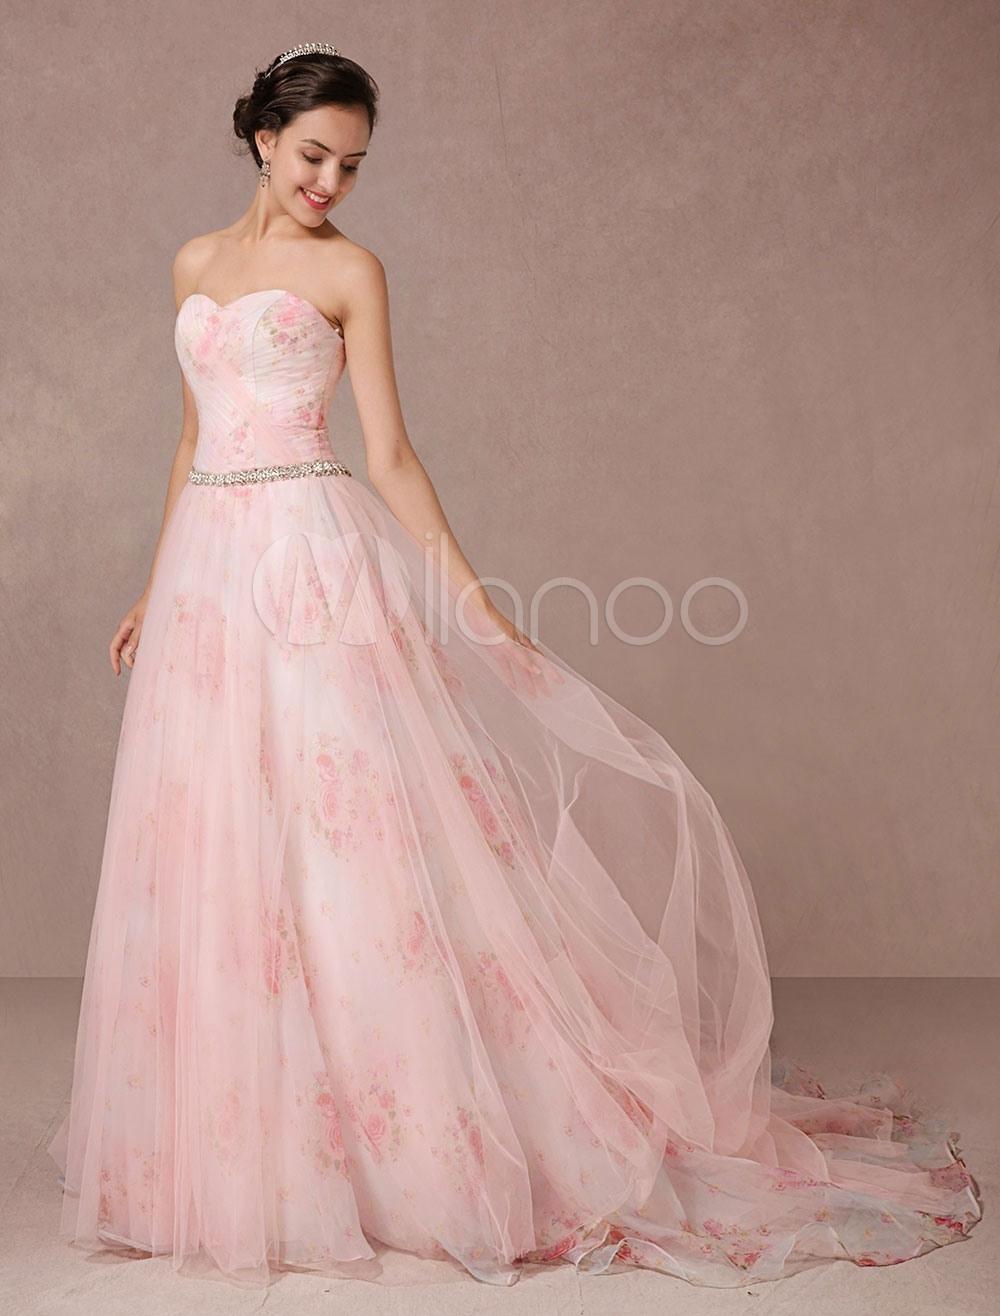 10 Top Kleider Für Hochzeit Design20 Elegant Kleider Für Hochzeit Galerie